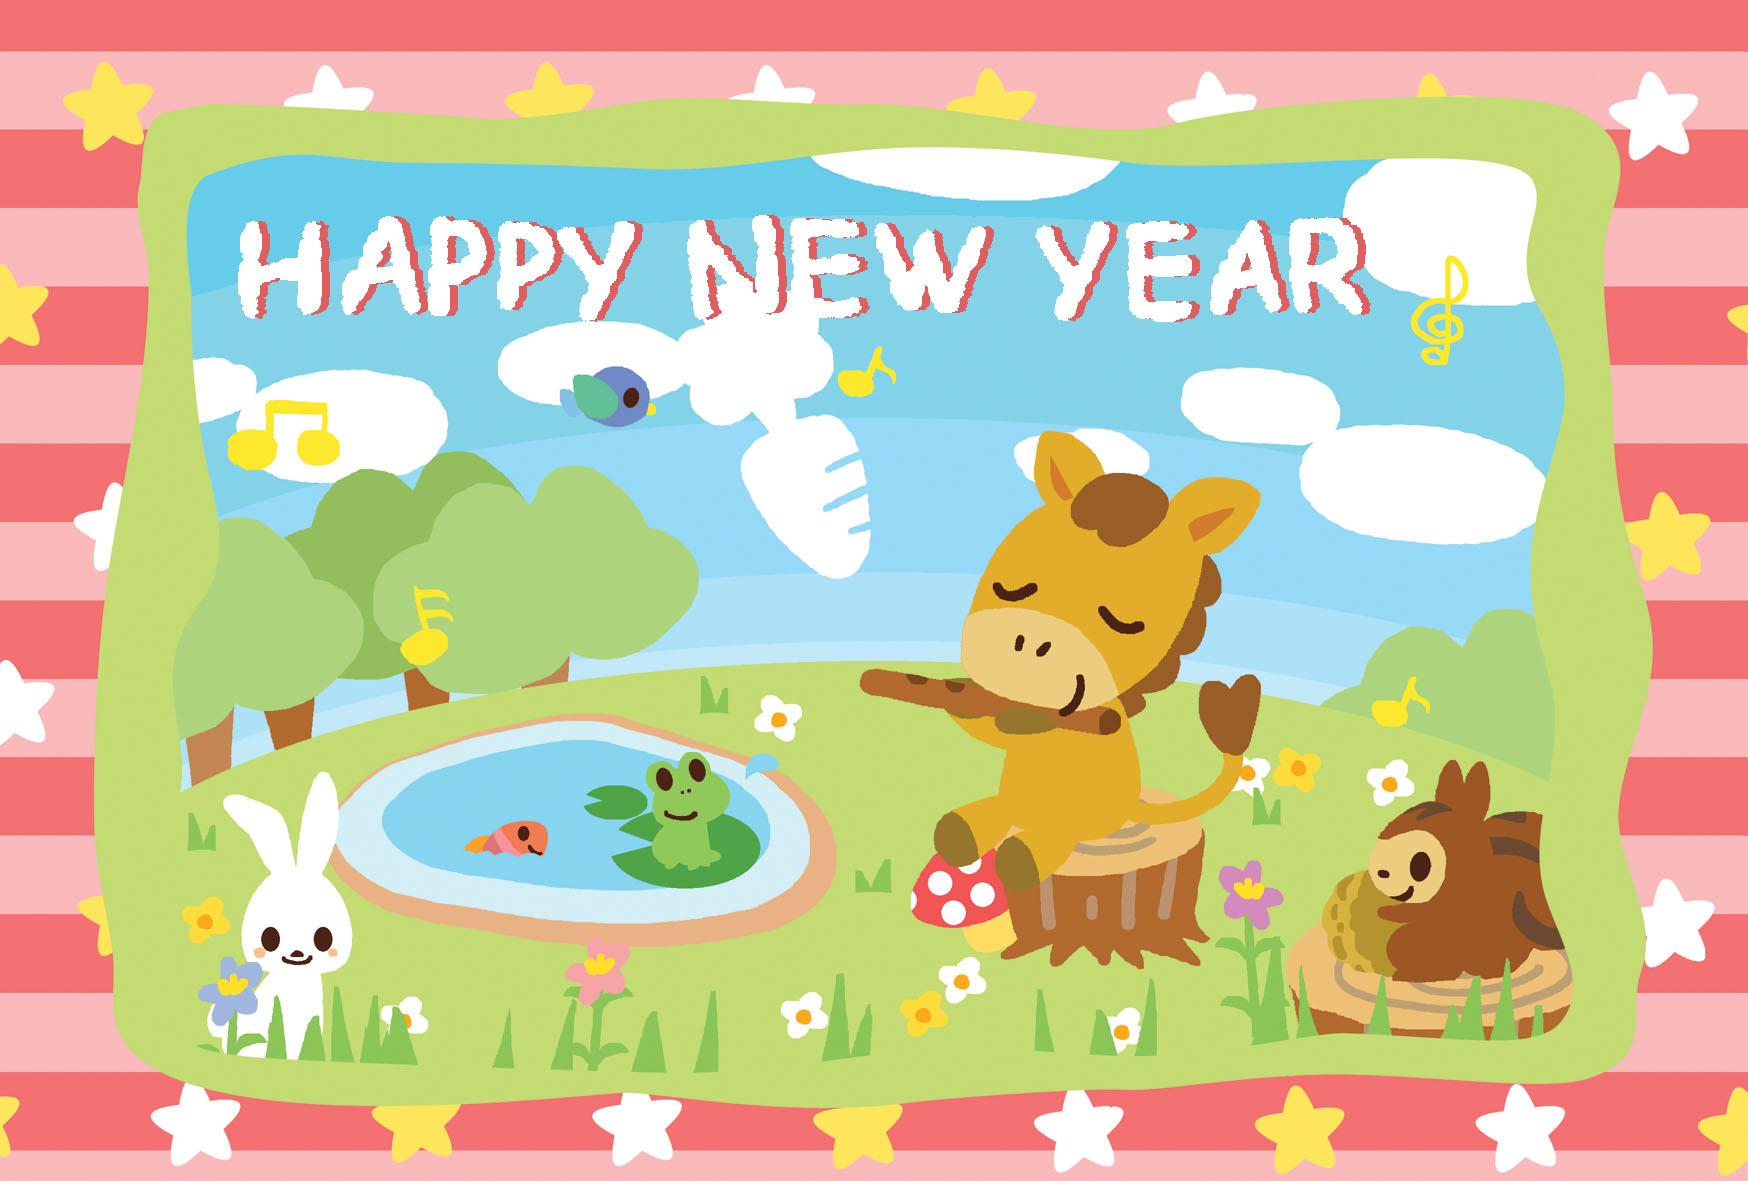 午年】馬イラスト年賀状 メルヘンな森の仲間たち【無料ダウンロード】2026年